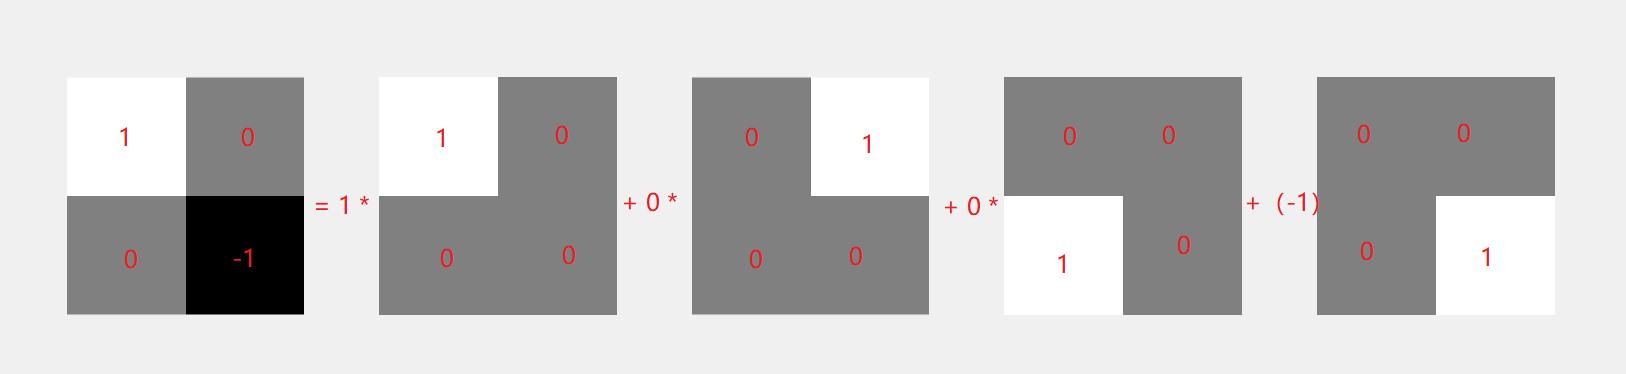 JPG学习笔记3(附完整代码)